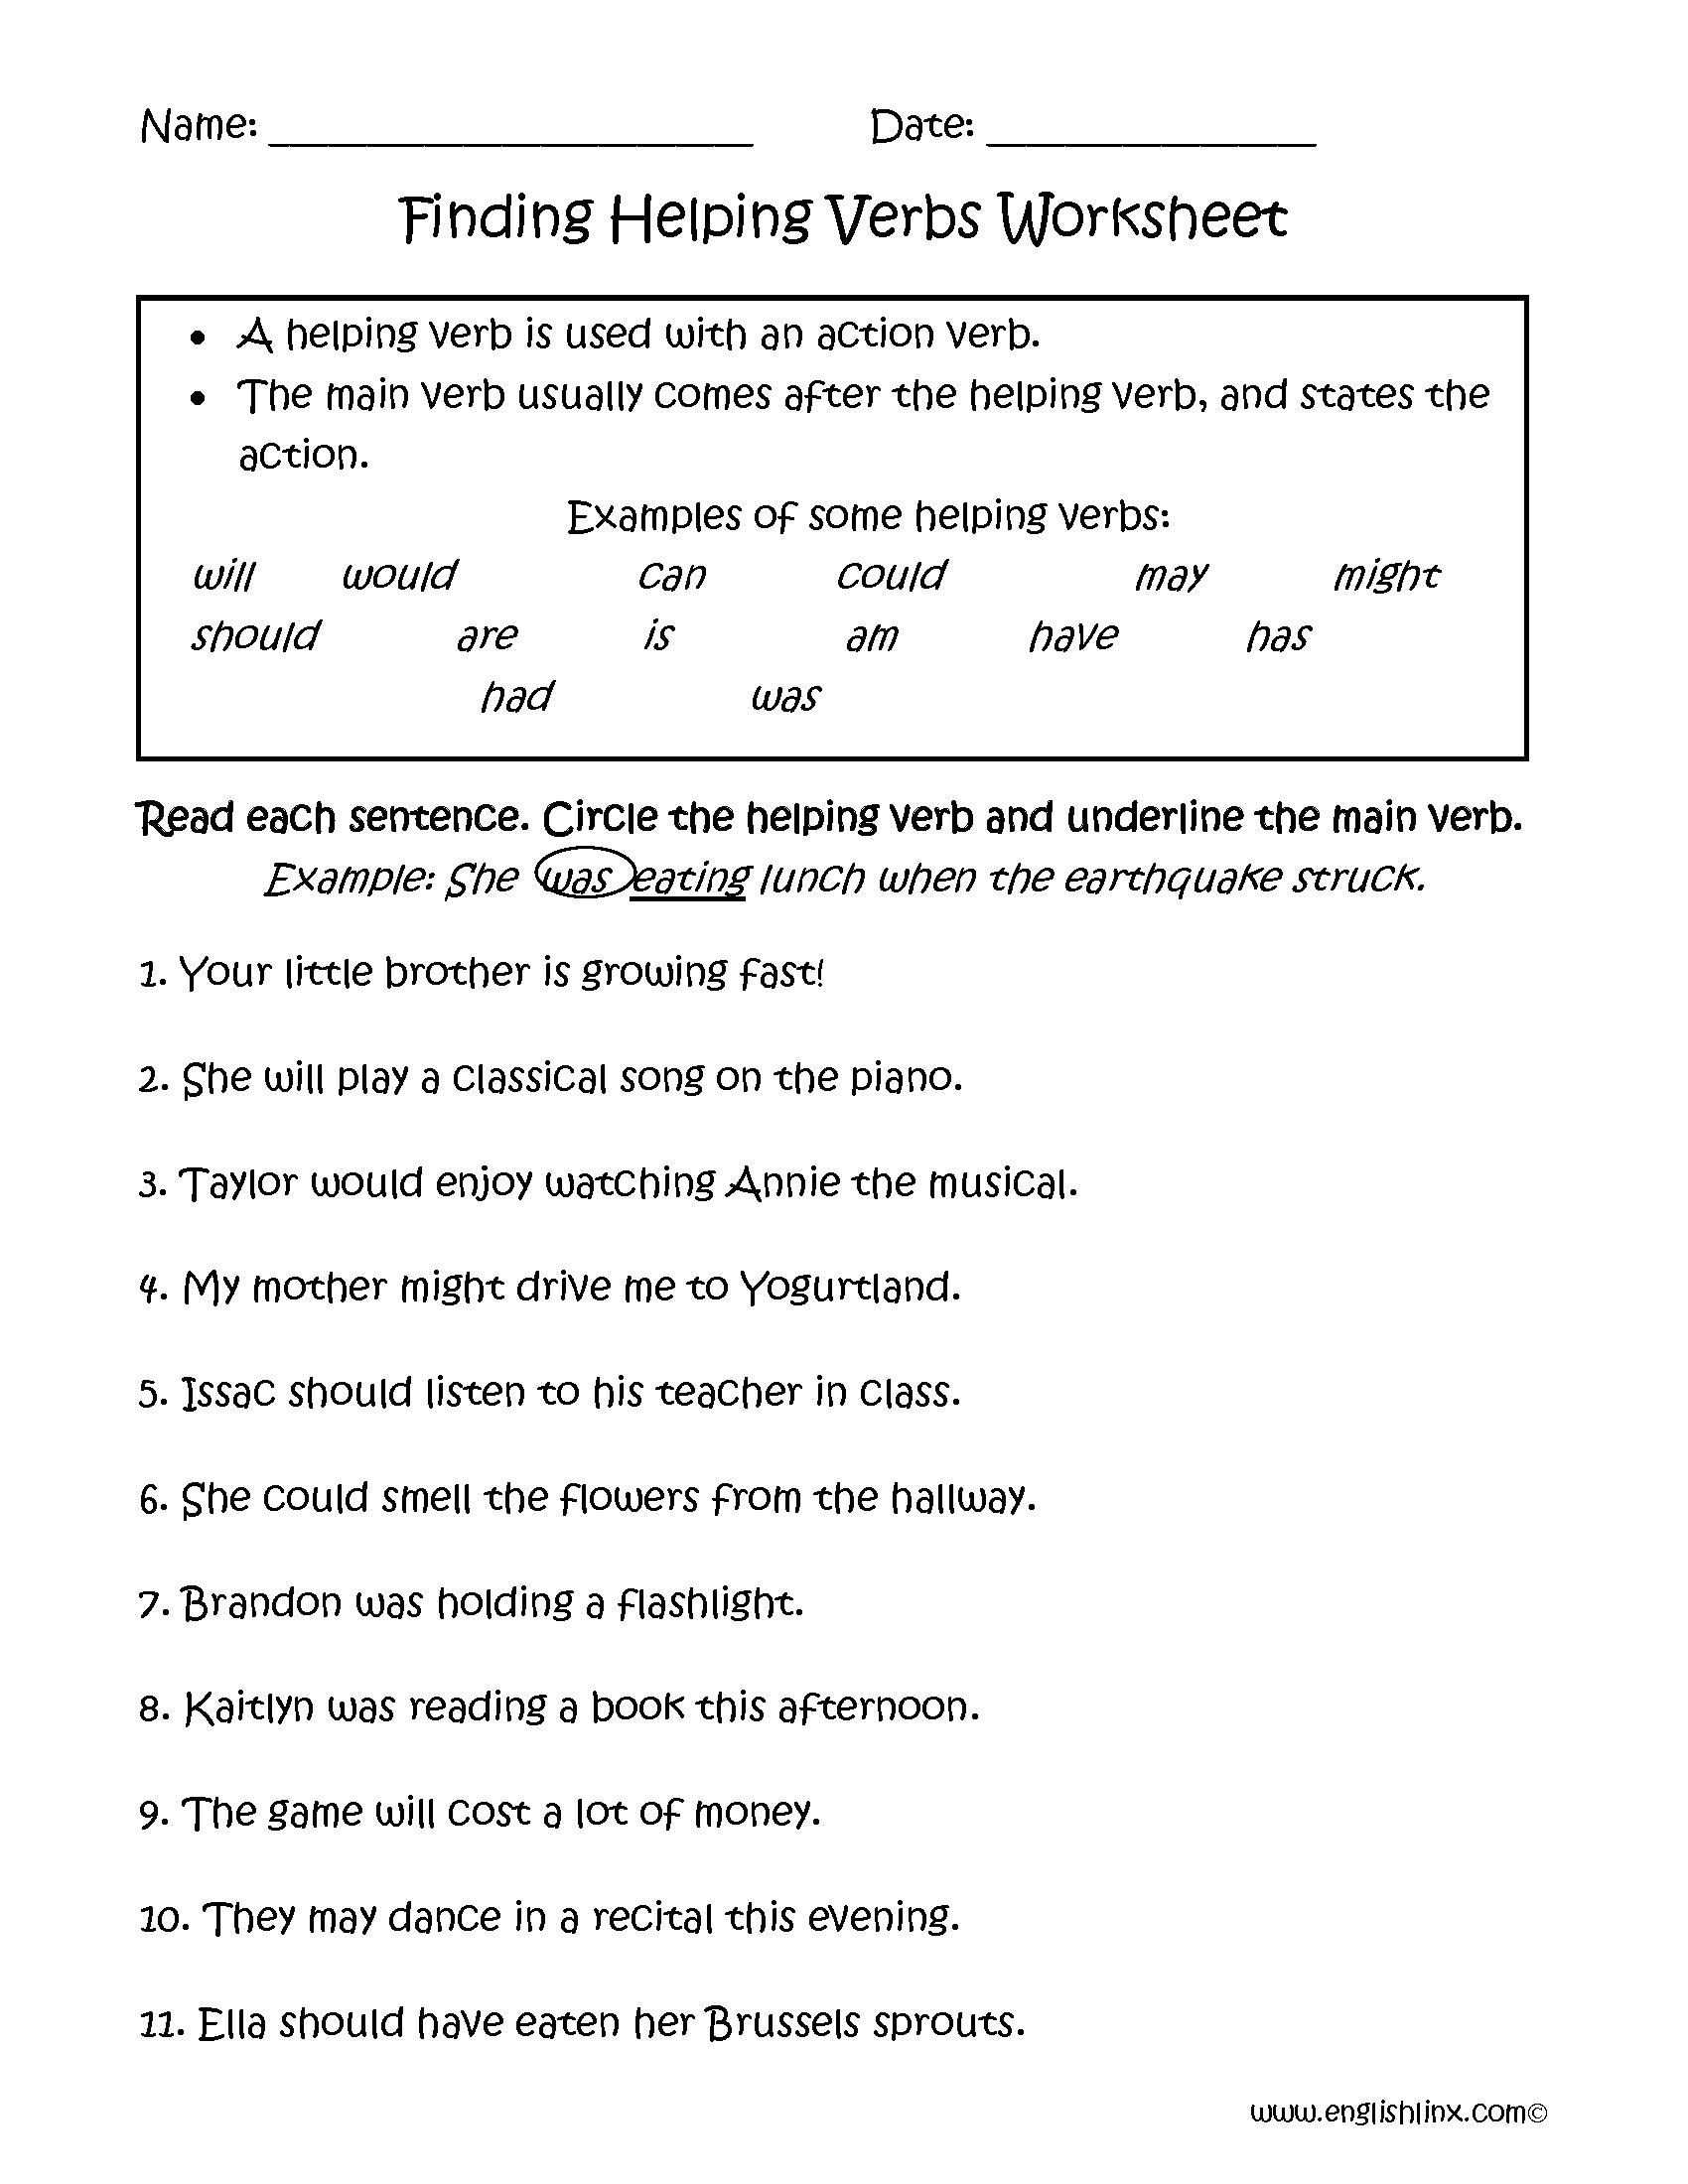 Verbs Worksheets   Helping Verbs Worksheets   Helping verbs worksheet [ 2200 x 1700 Pixel ]